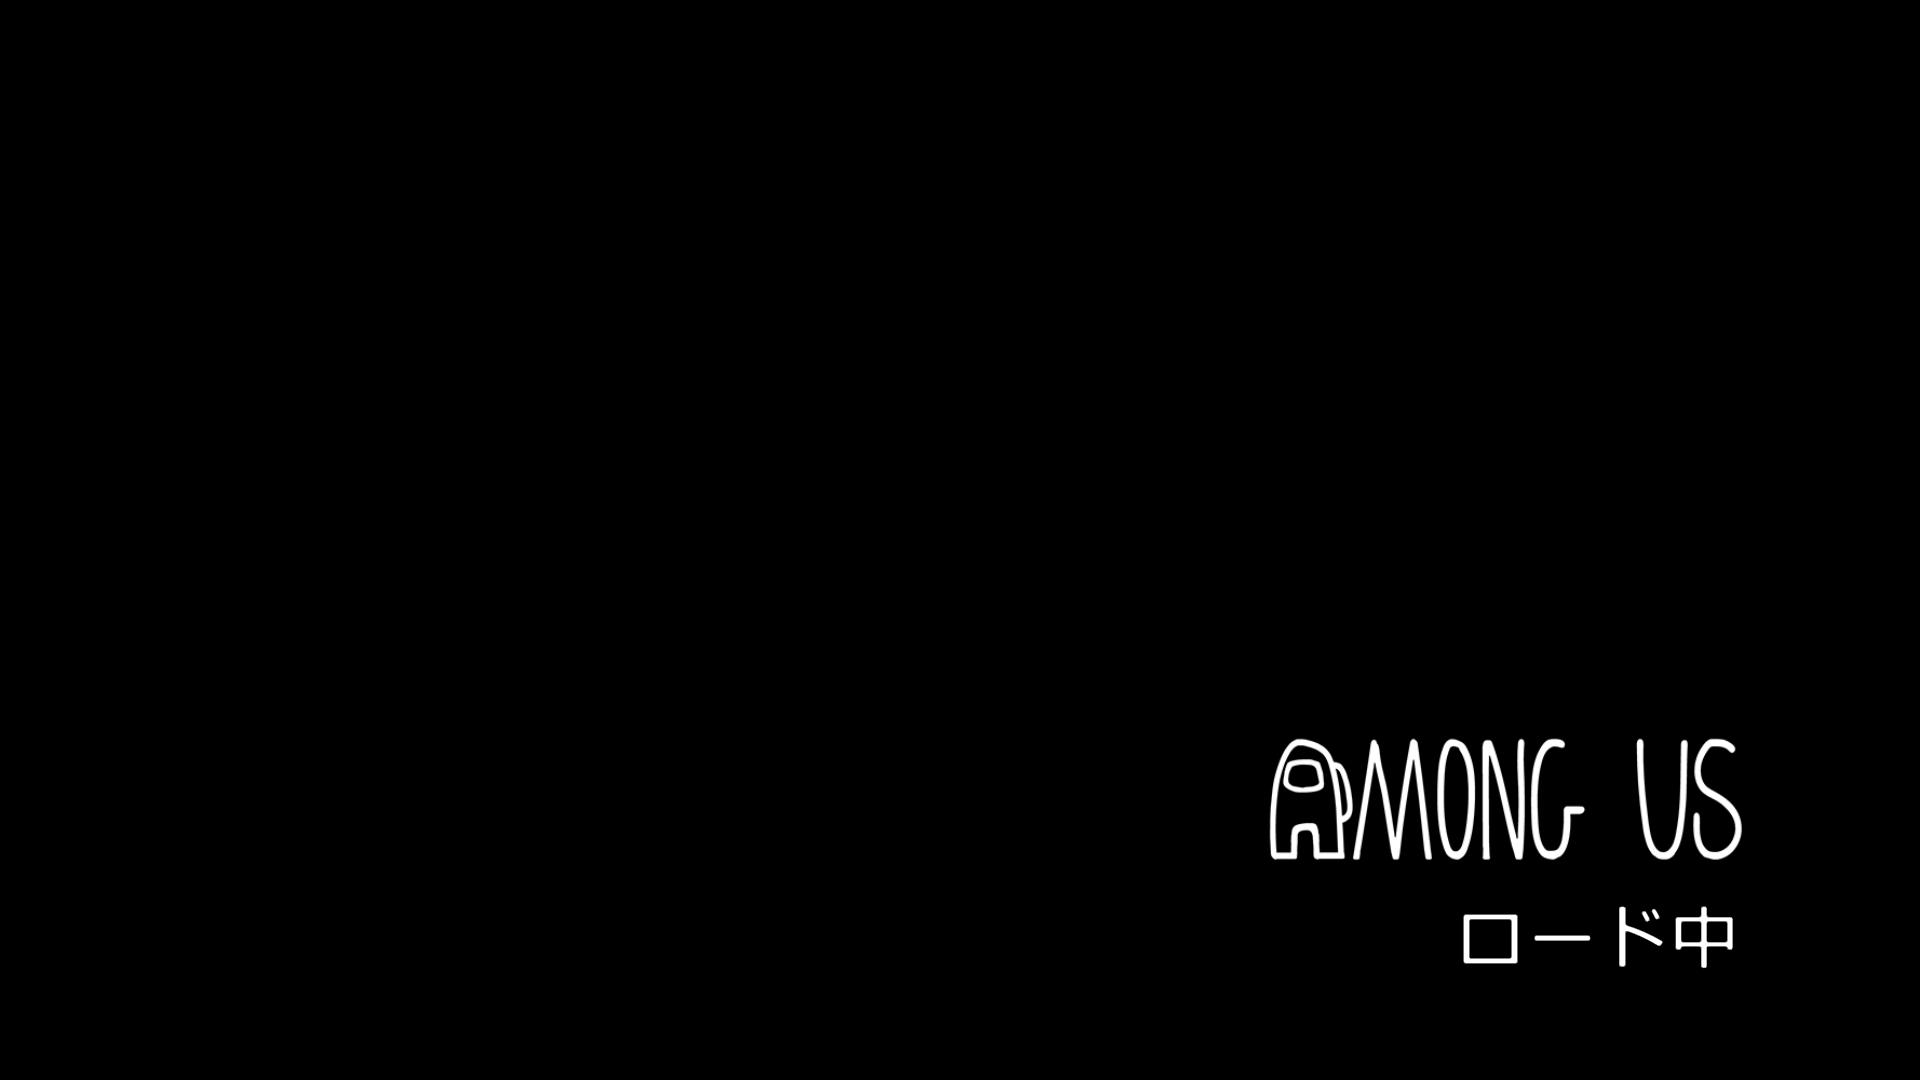 【アモングアス】クロスプレイはできる?できない時の対処法【PC×モバイル×Switch】【クロスプレイ】【Among Us】